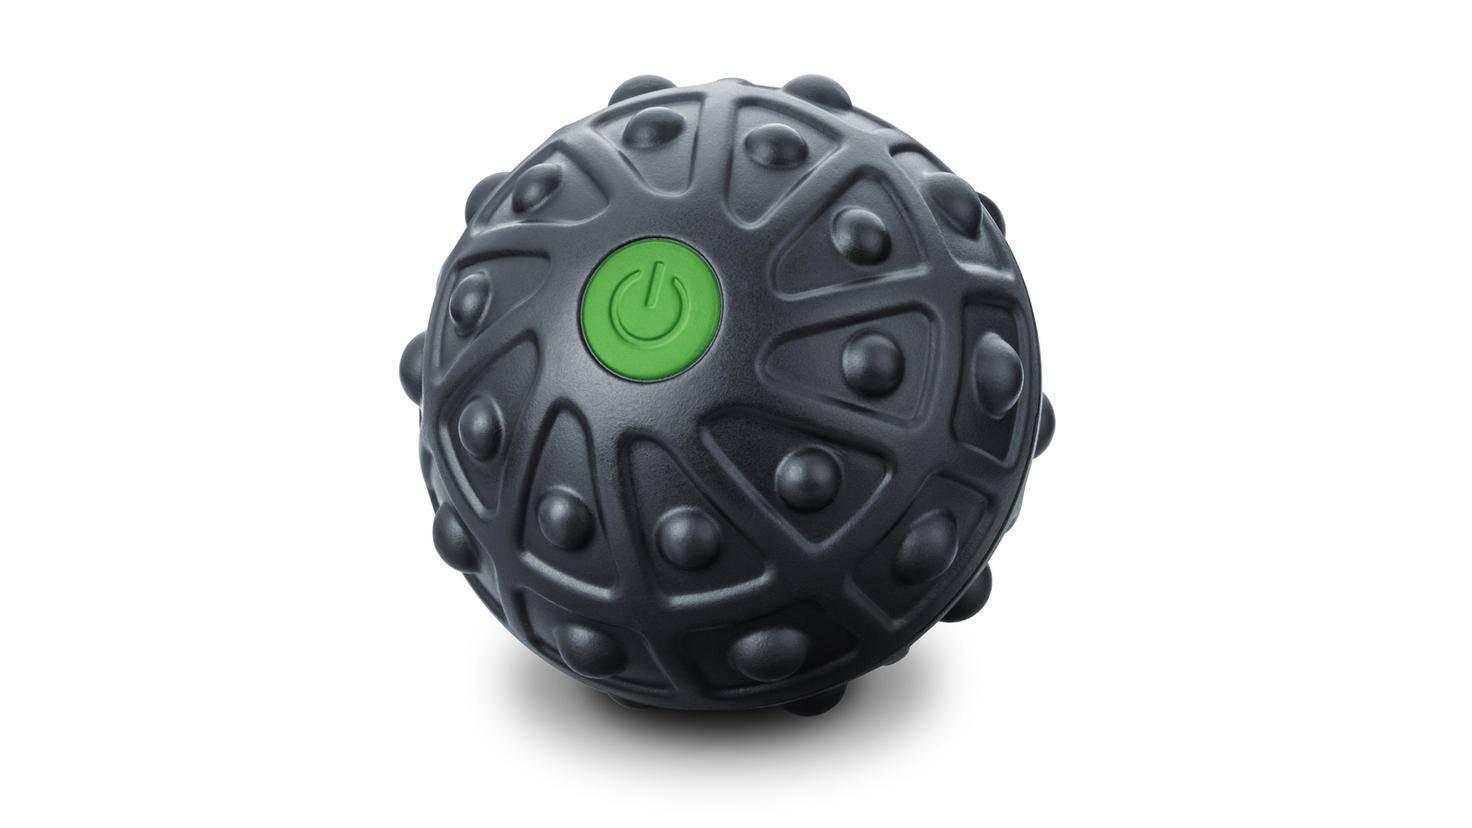 Balle de massage Beurer MG 10 avec vibration